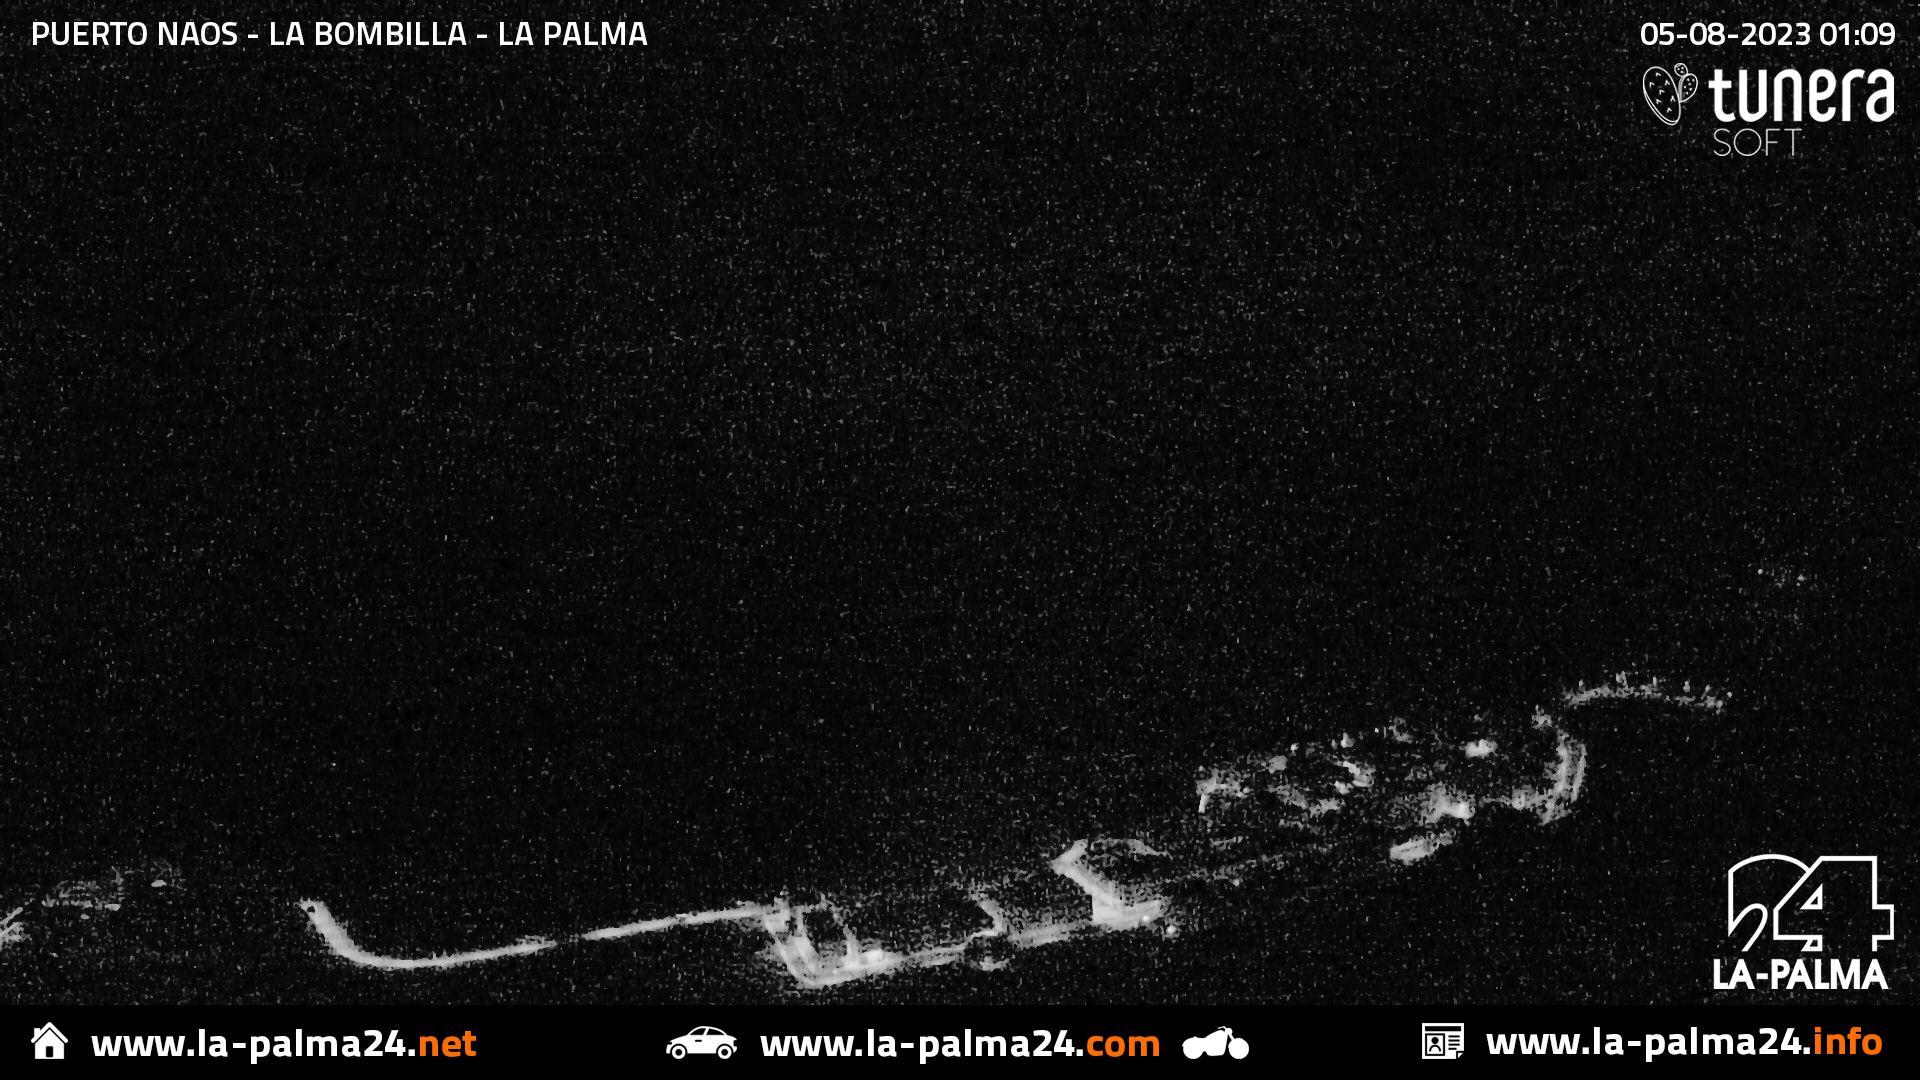 Puerto Naos - La Bombilla